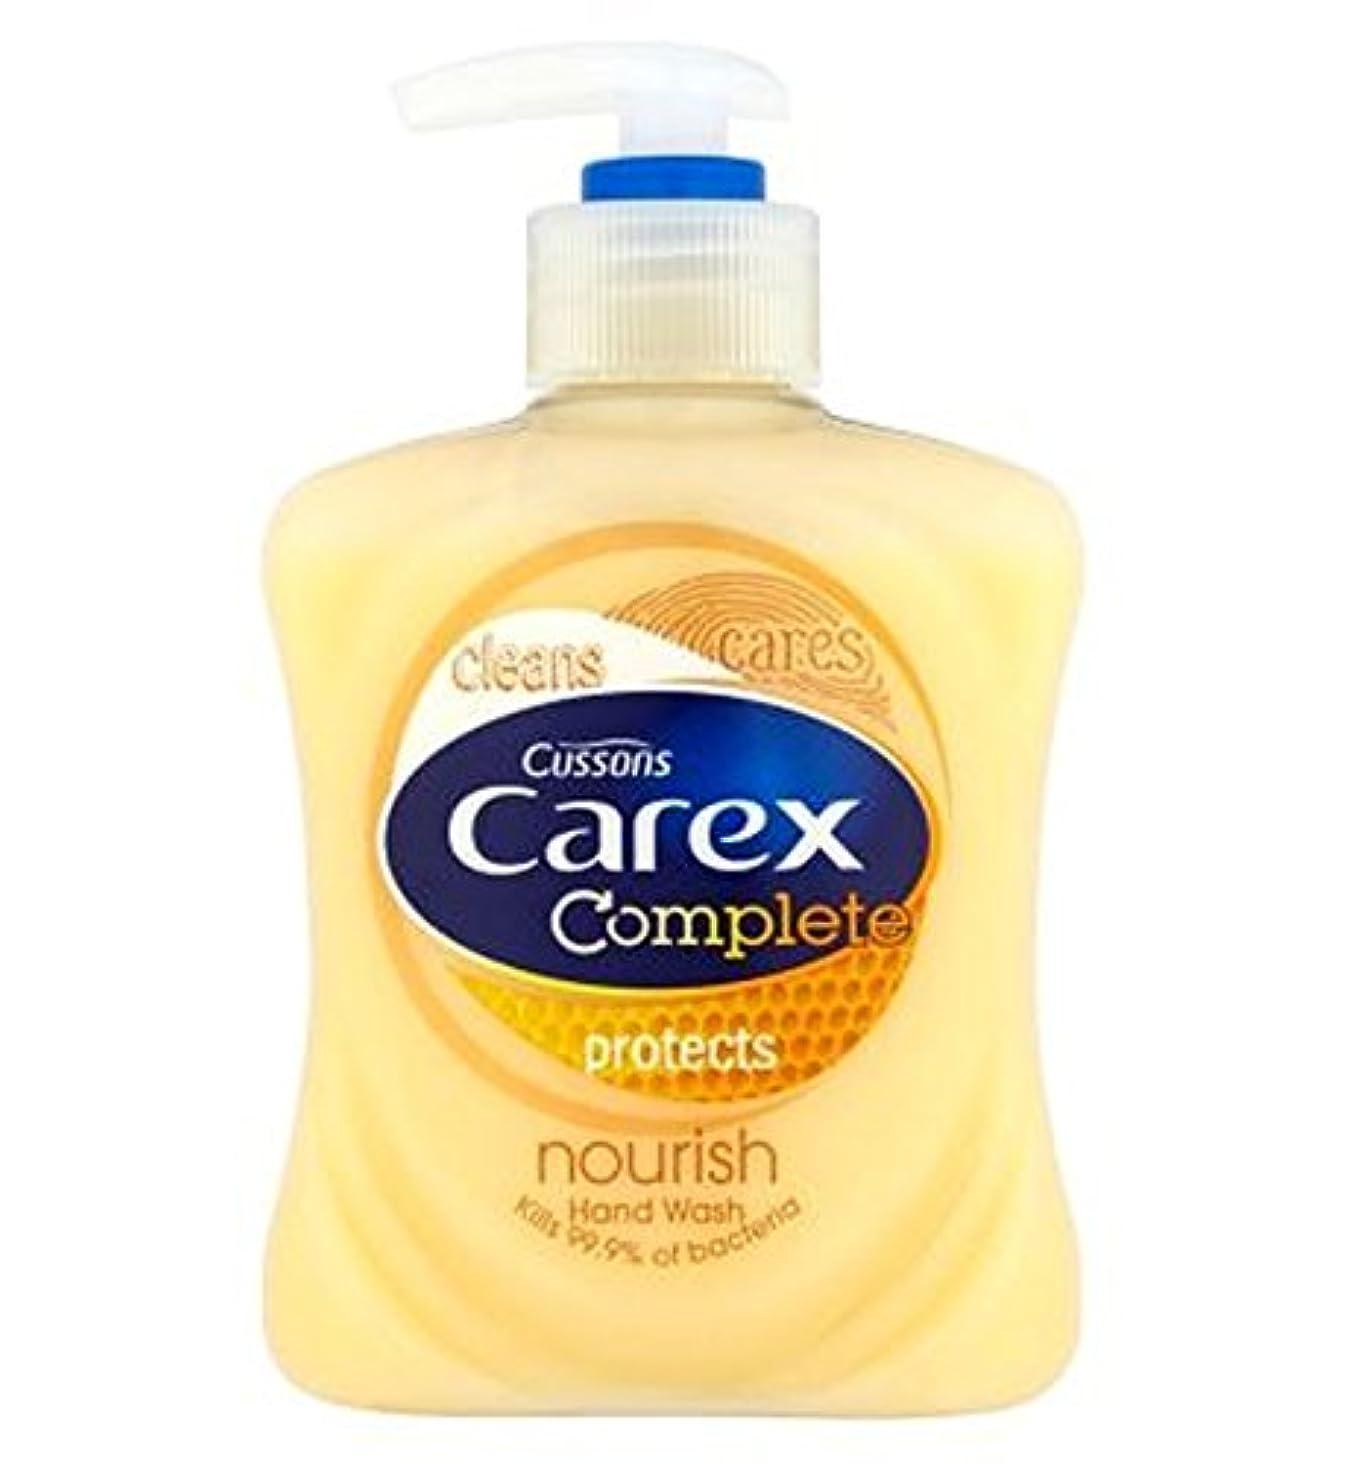 自動化おばさん書き出すCarex Complete Nourishing Hand Wash 250ml - スゲ属完全な栄養ハンドウォッシュ250ミリリットル (Carex) [並行輸入品]